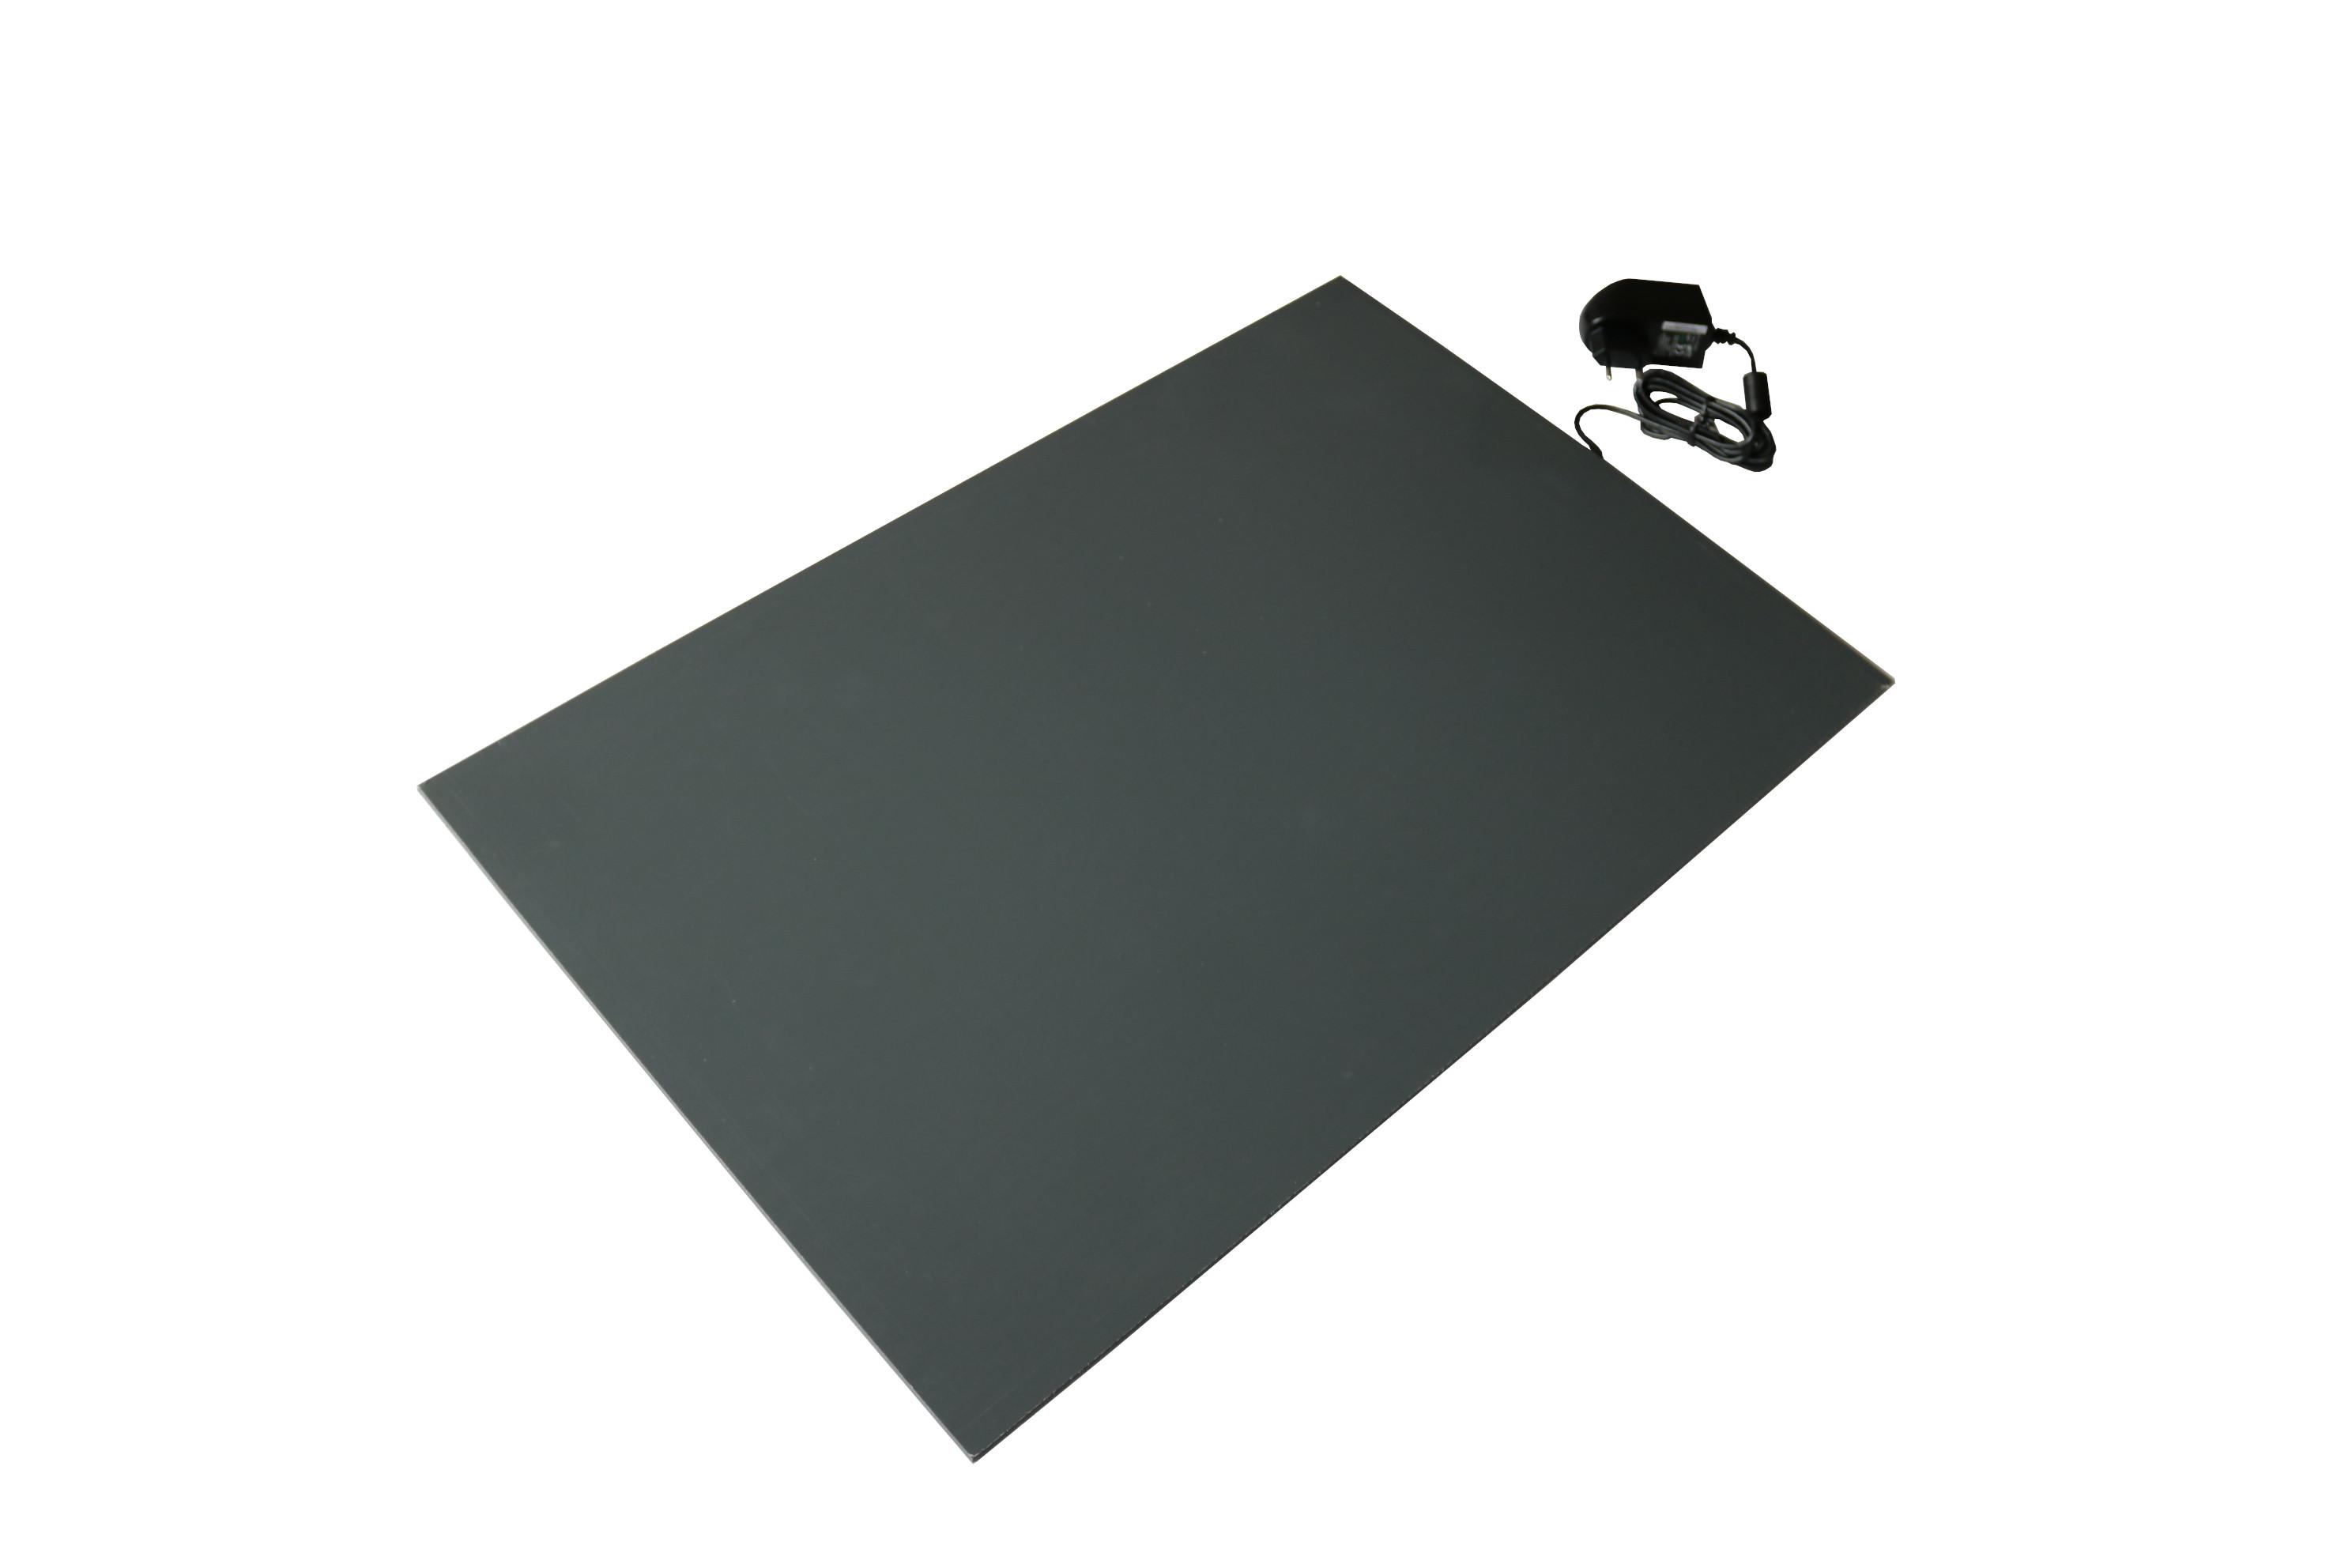 PVC-Wärmeplatte für Hunde, 40x60cm, 12V-Trafo